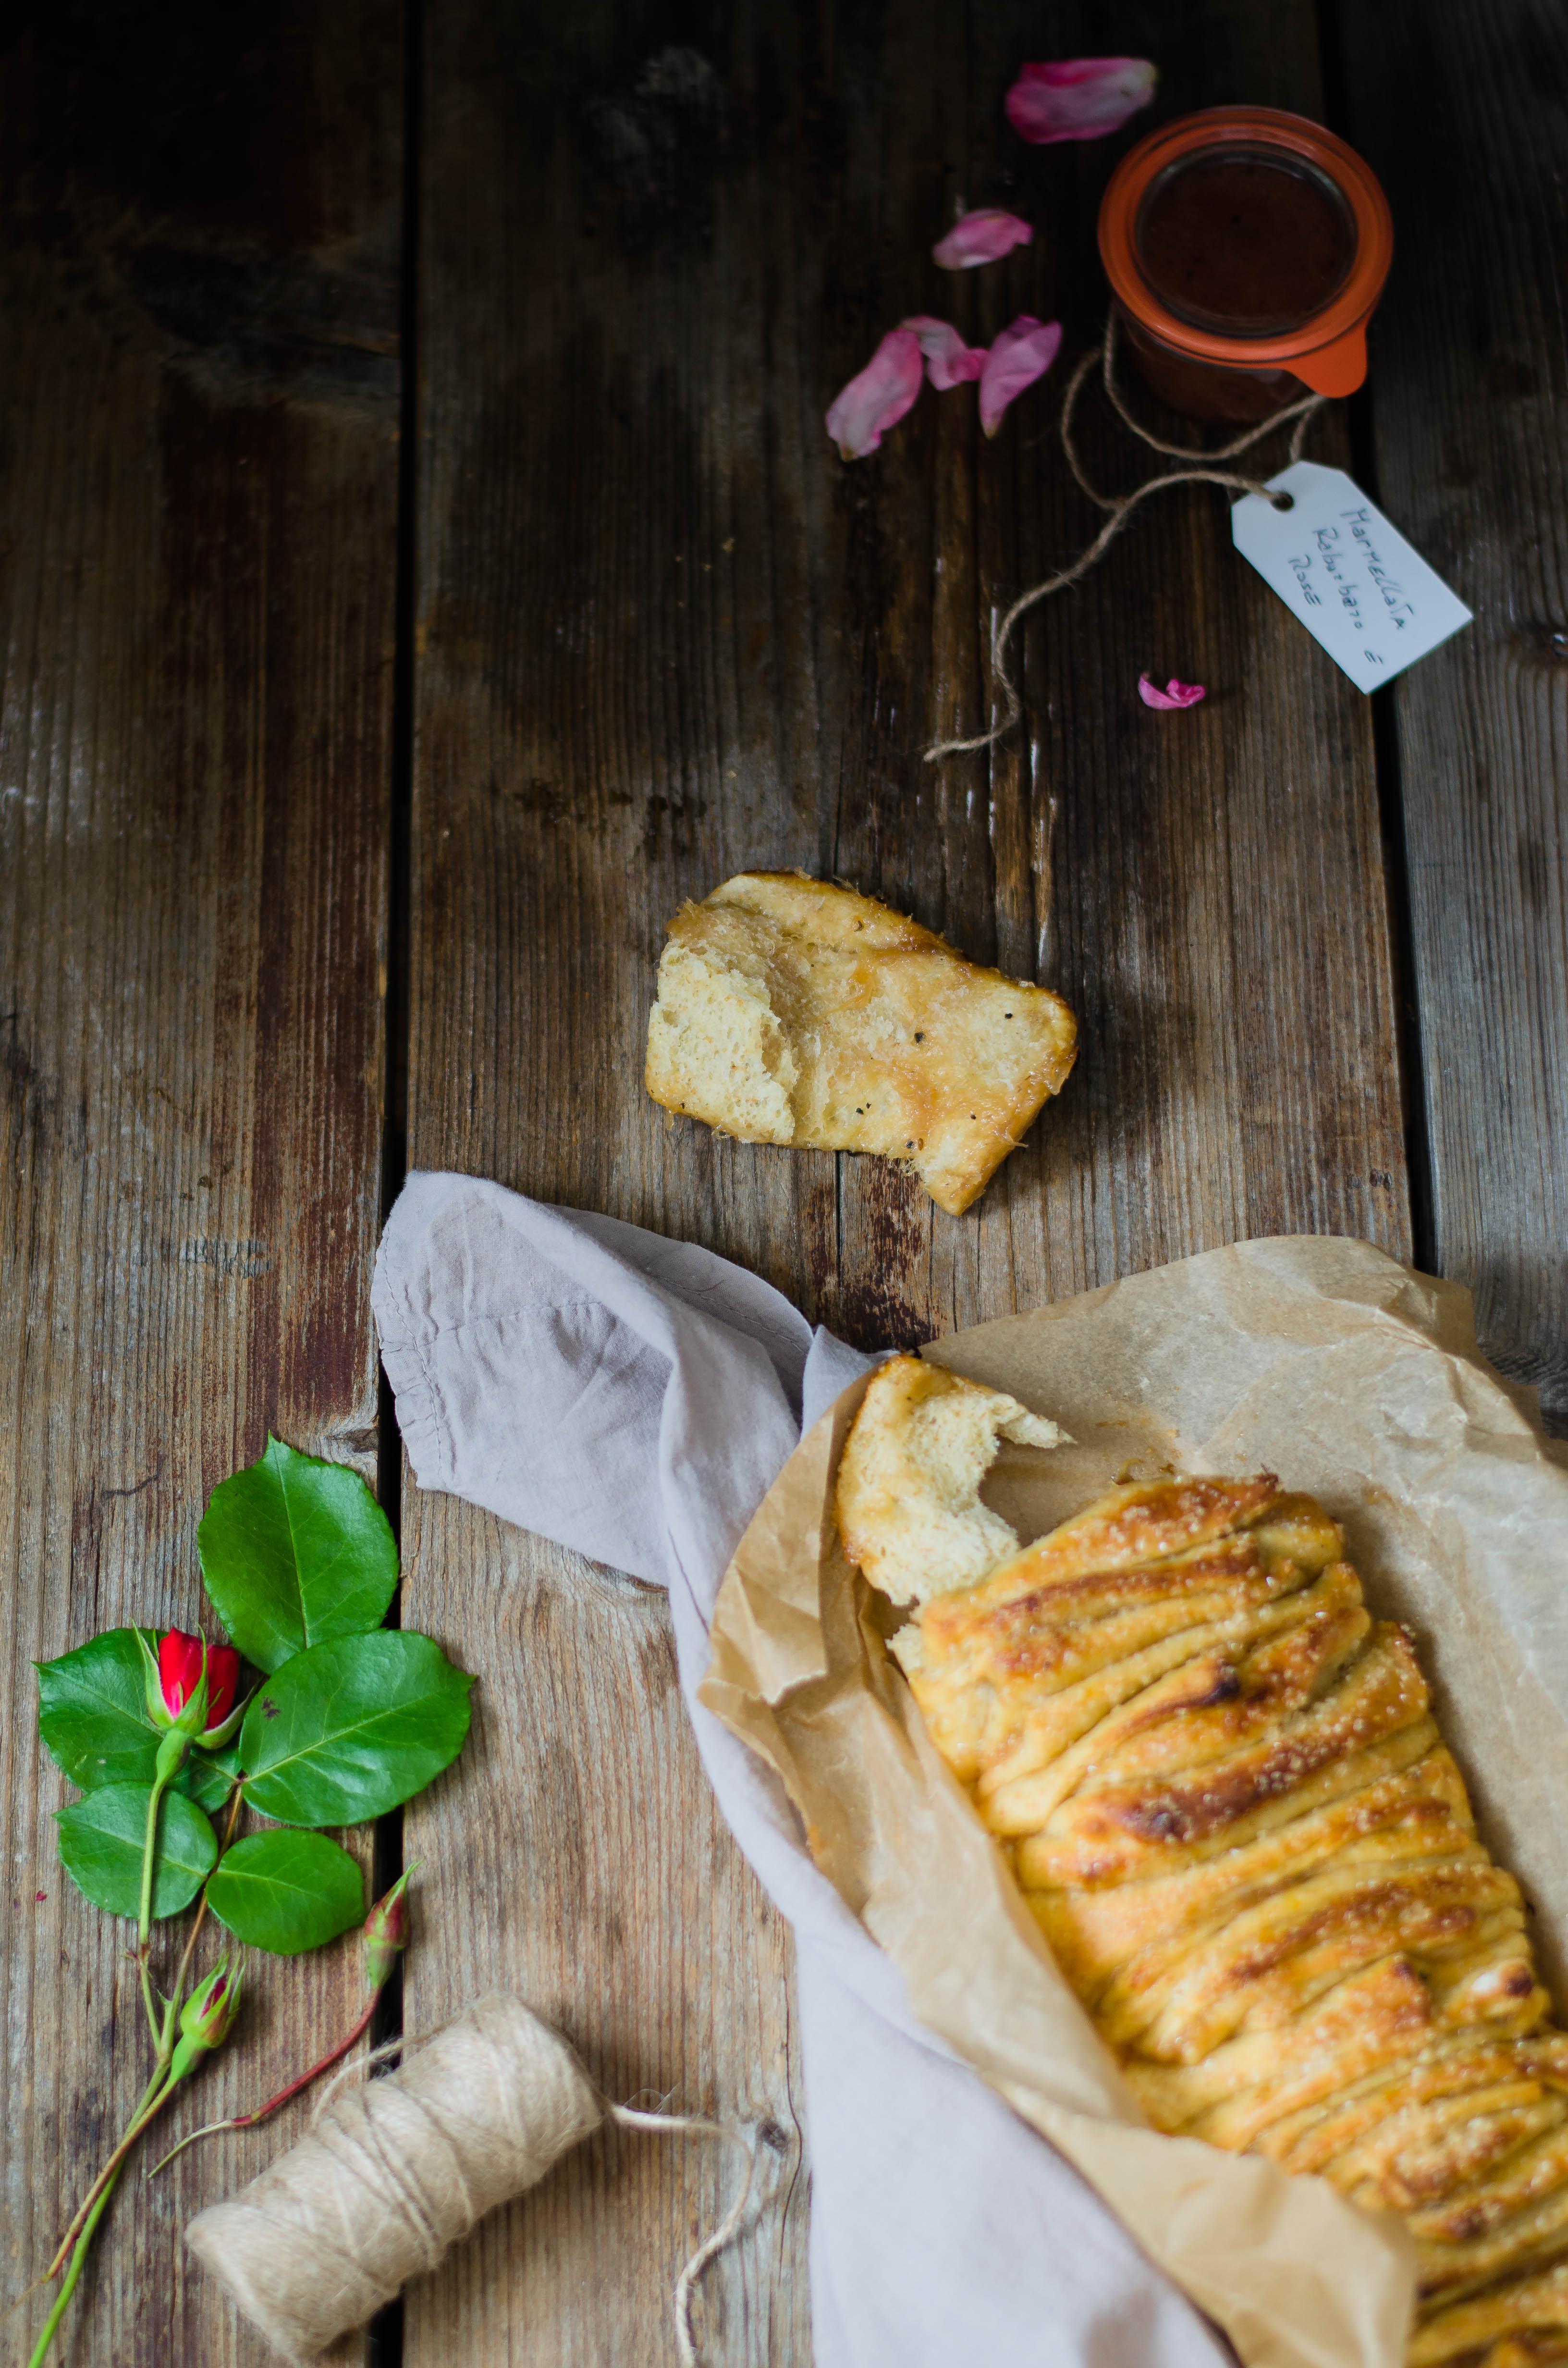 Pullapart_rabarbaro_rose2 Pull apart bread con marmellata di rabarbaro, rose e pepe del Bengala